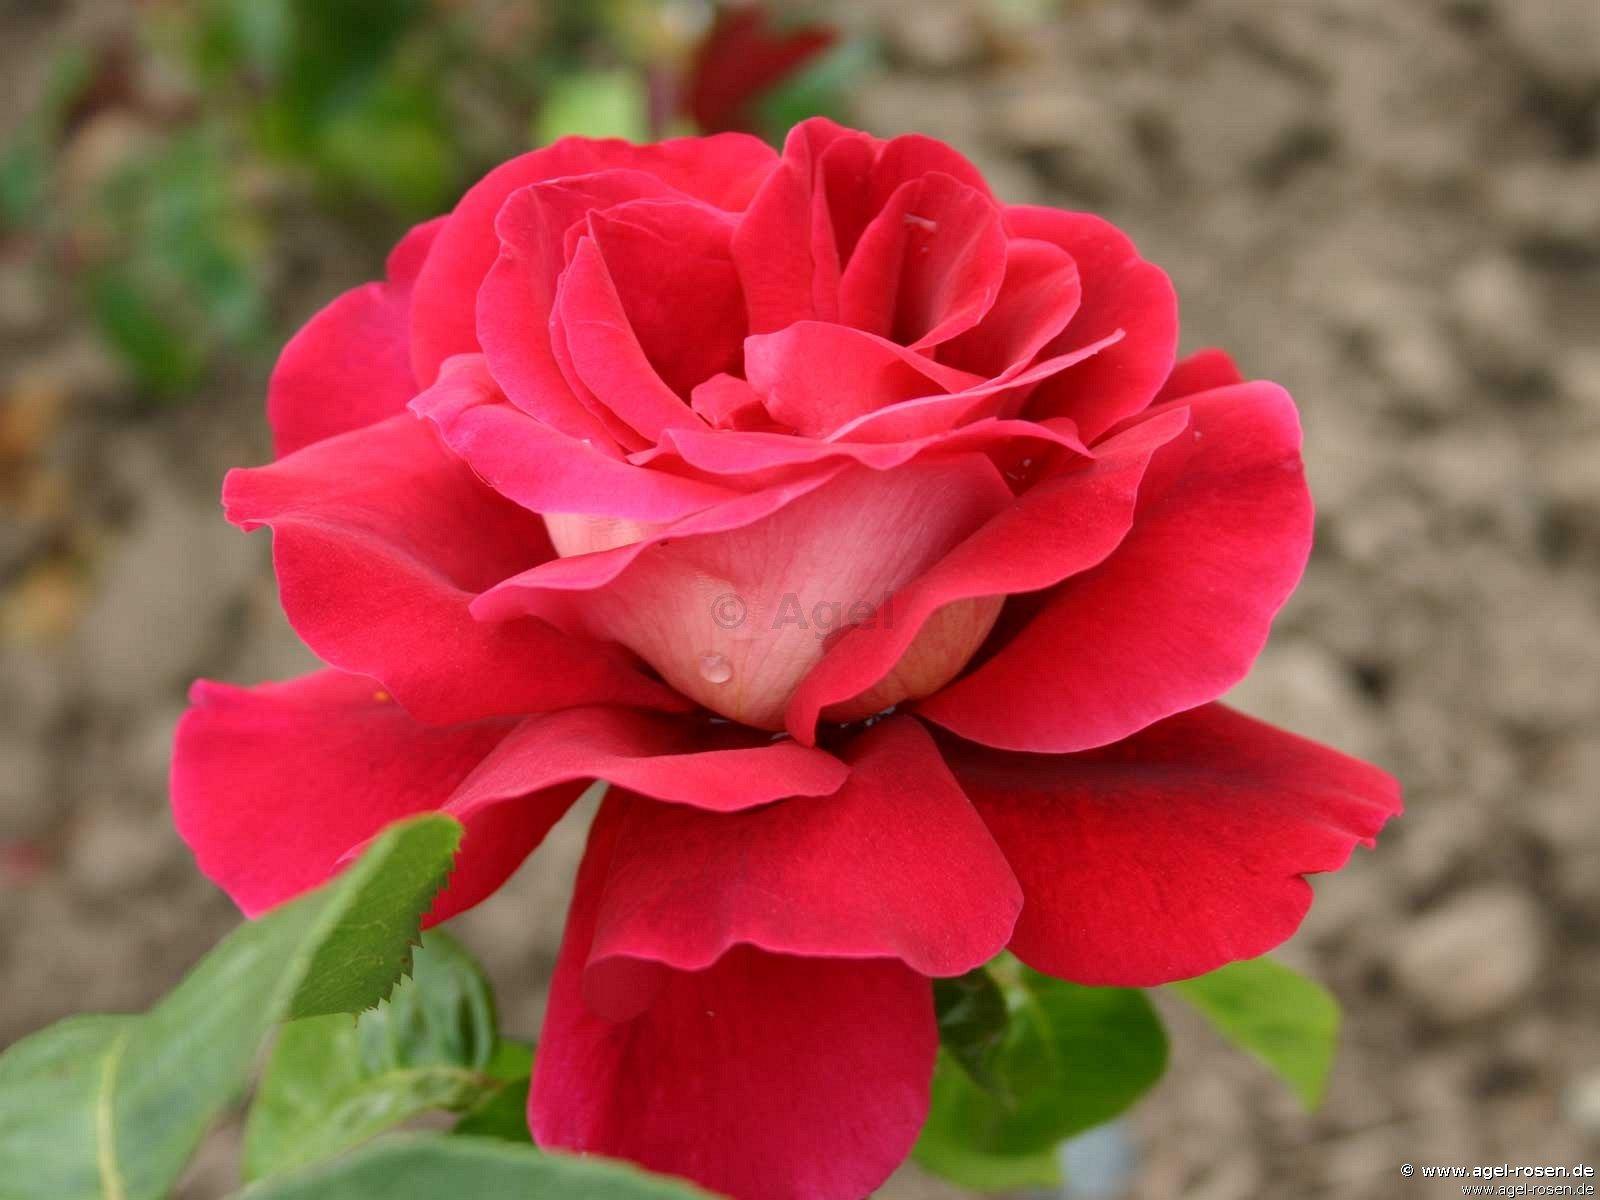 kronenburg edelrose kaufen bei agel rosen. Black Bedroom Furniture Sets. Home Design Ideas